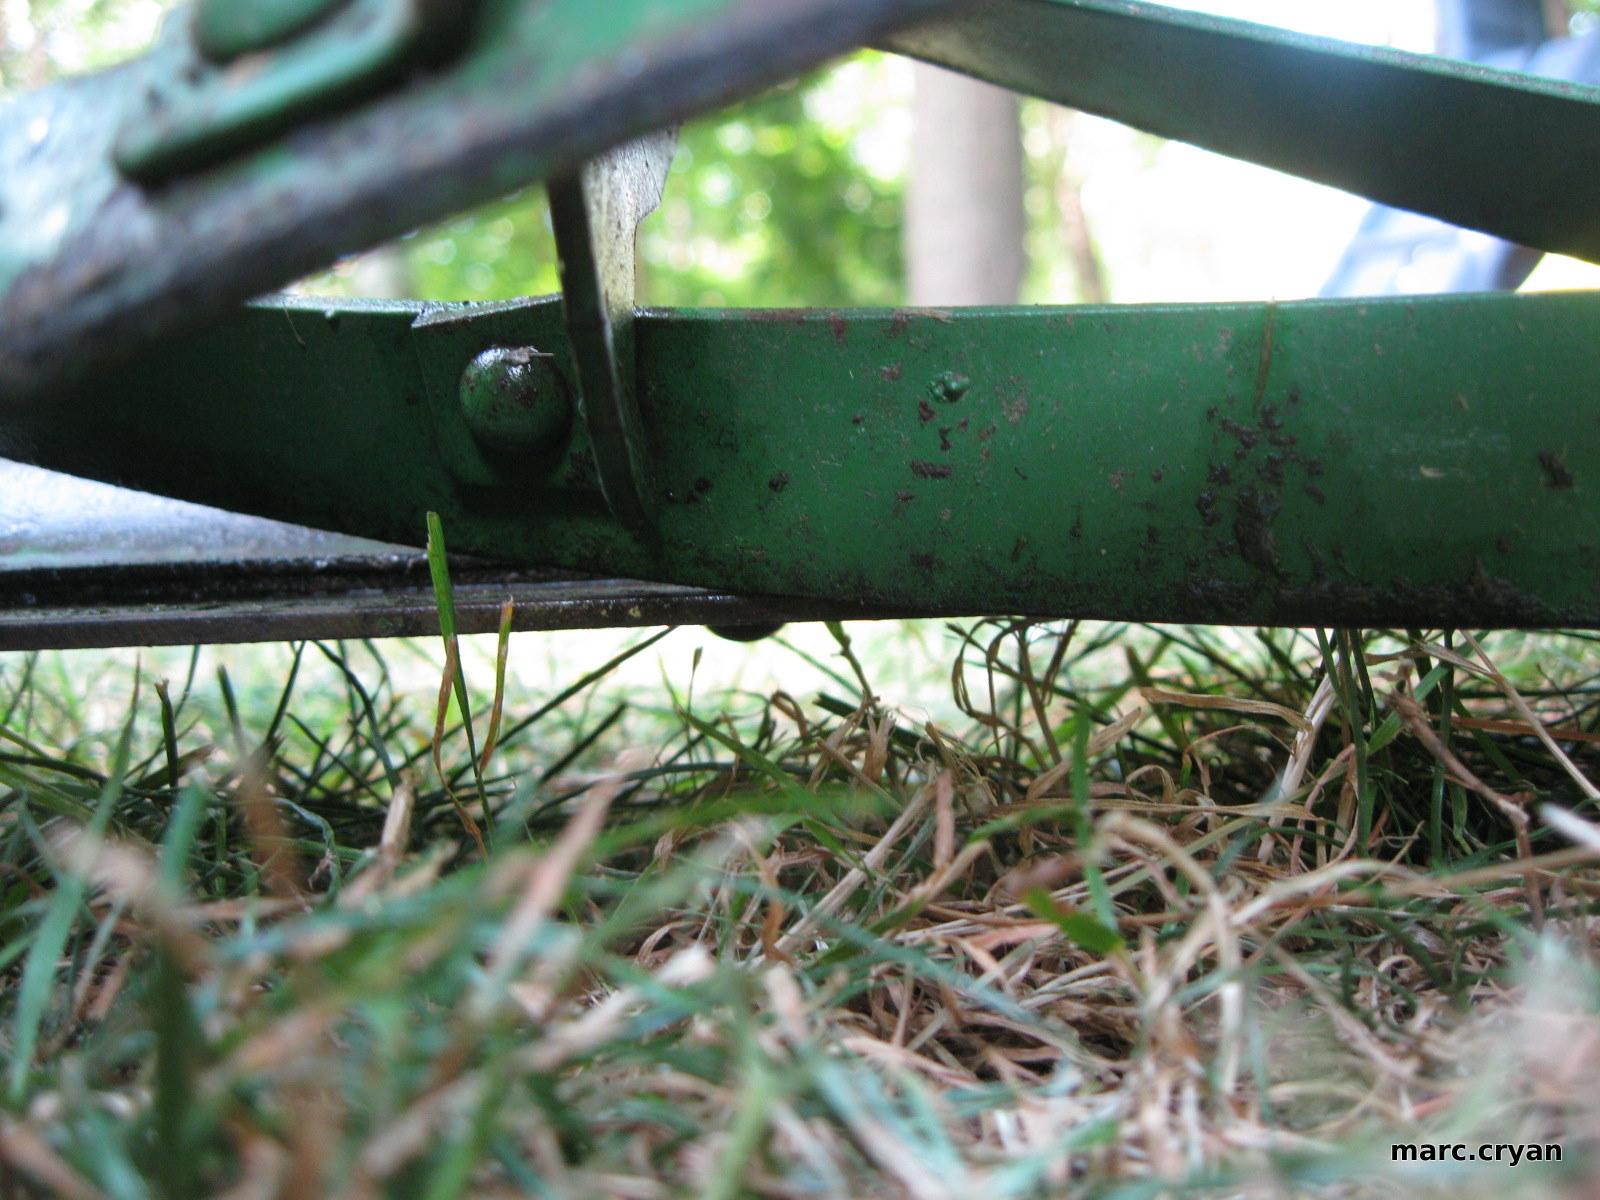 Sharpen a push reel mower